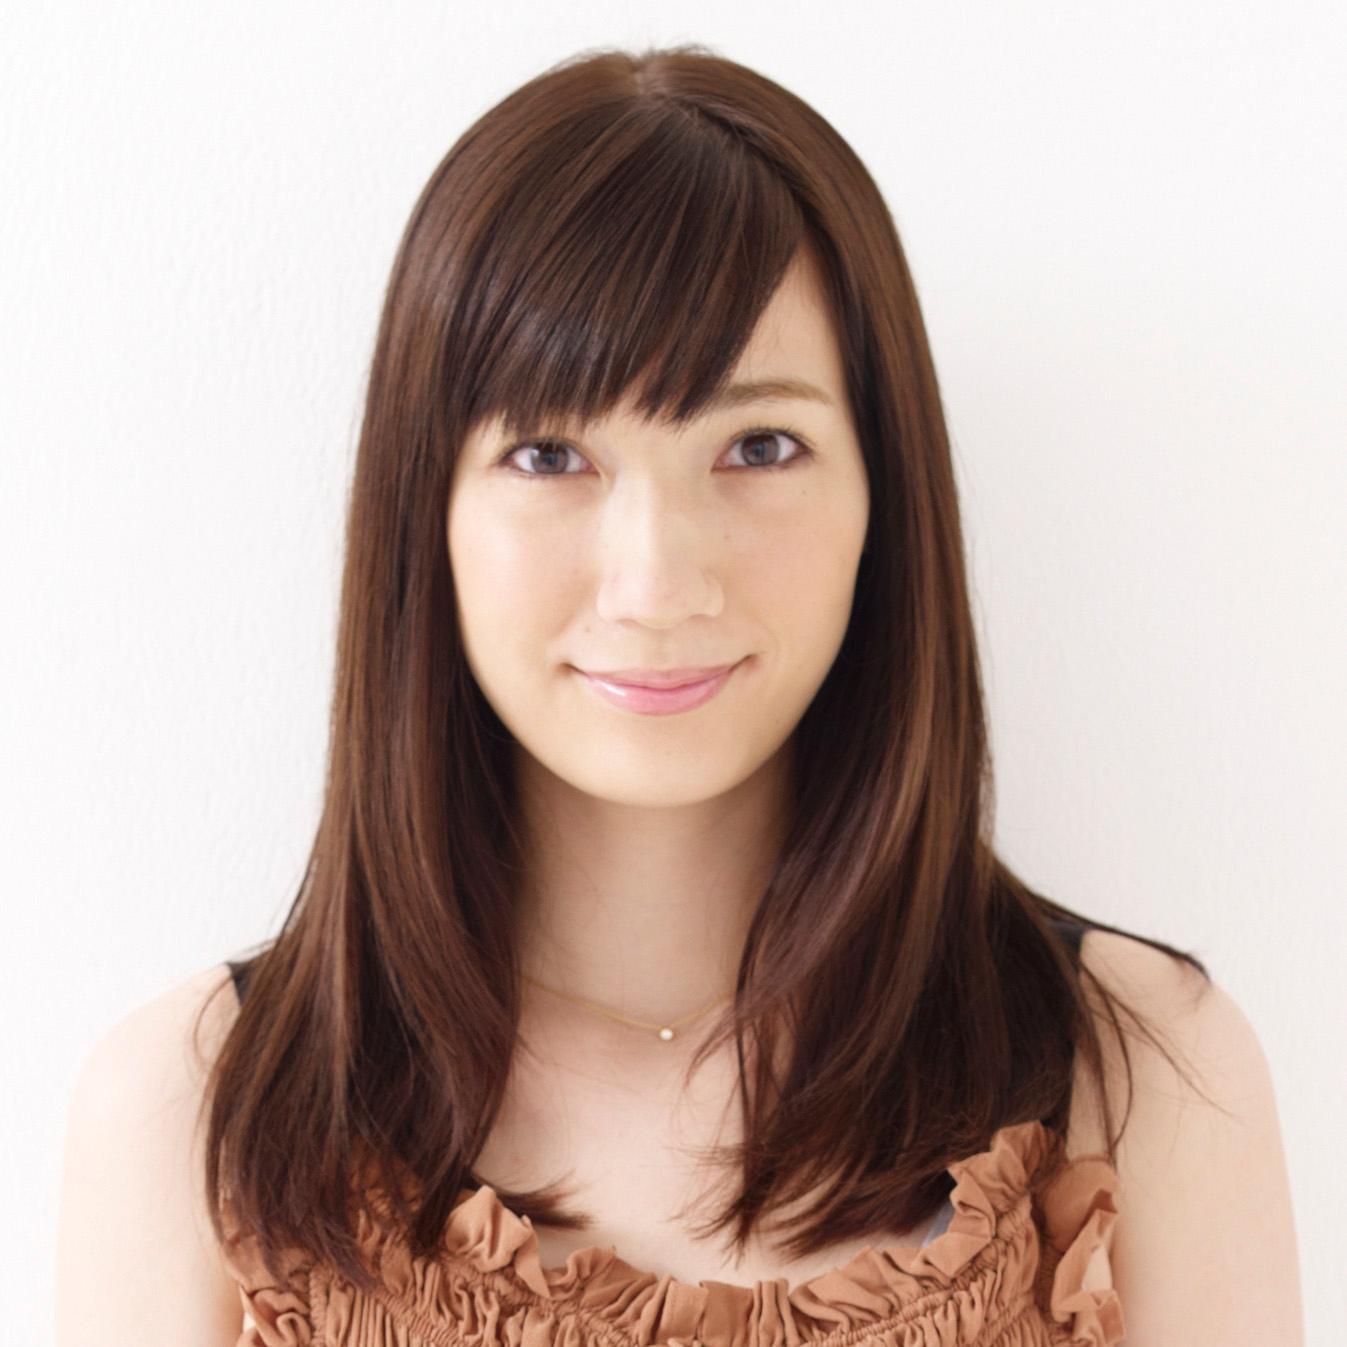 女優マイコの旦那の妻夫木聡との結婚までの馴れ初めや子供について。